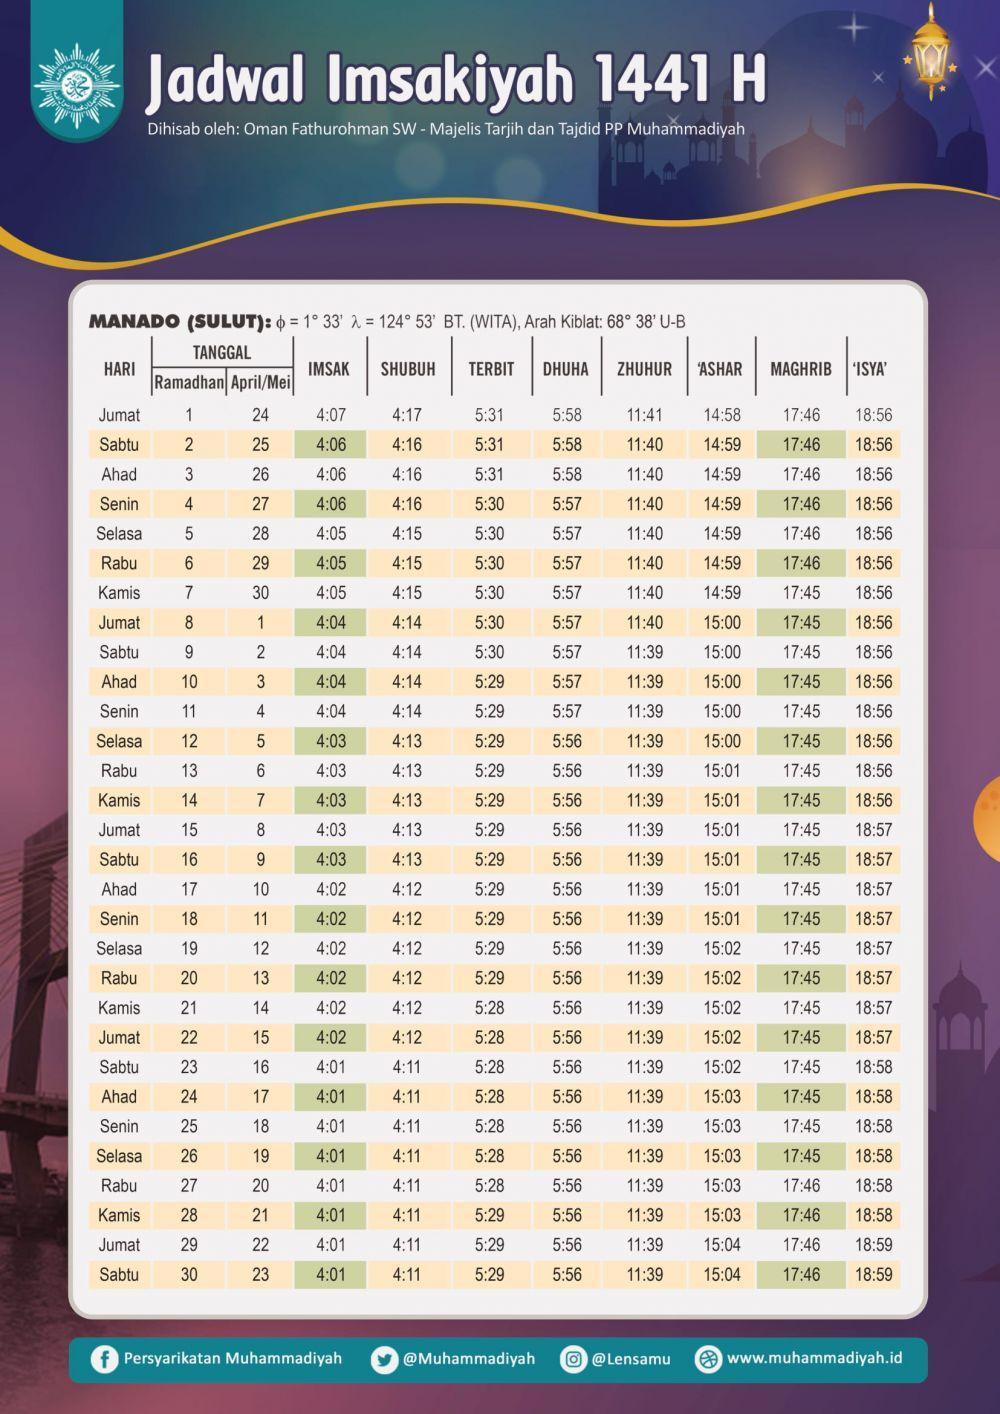 Jadwal Buka Puasa Manado 2020